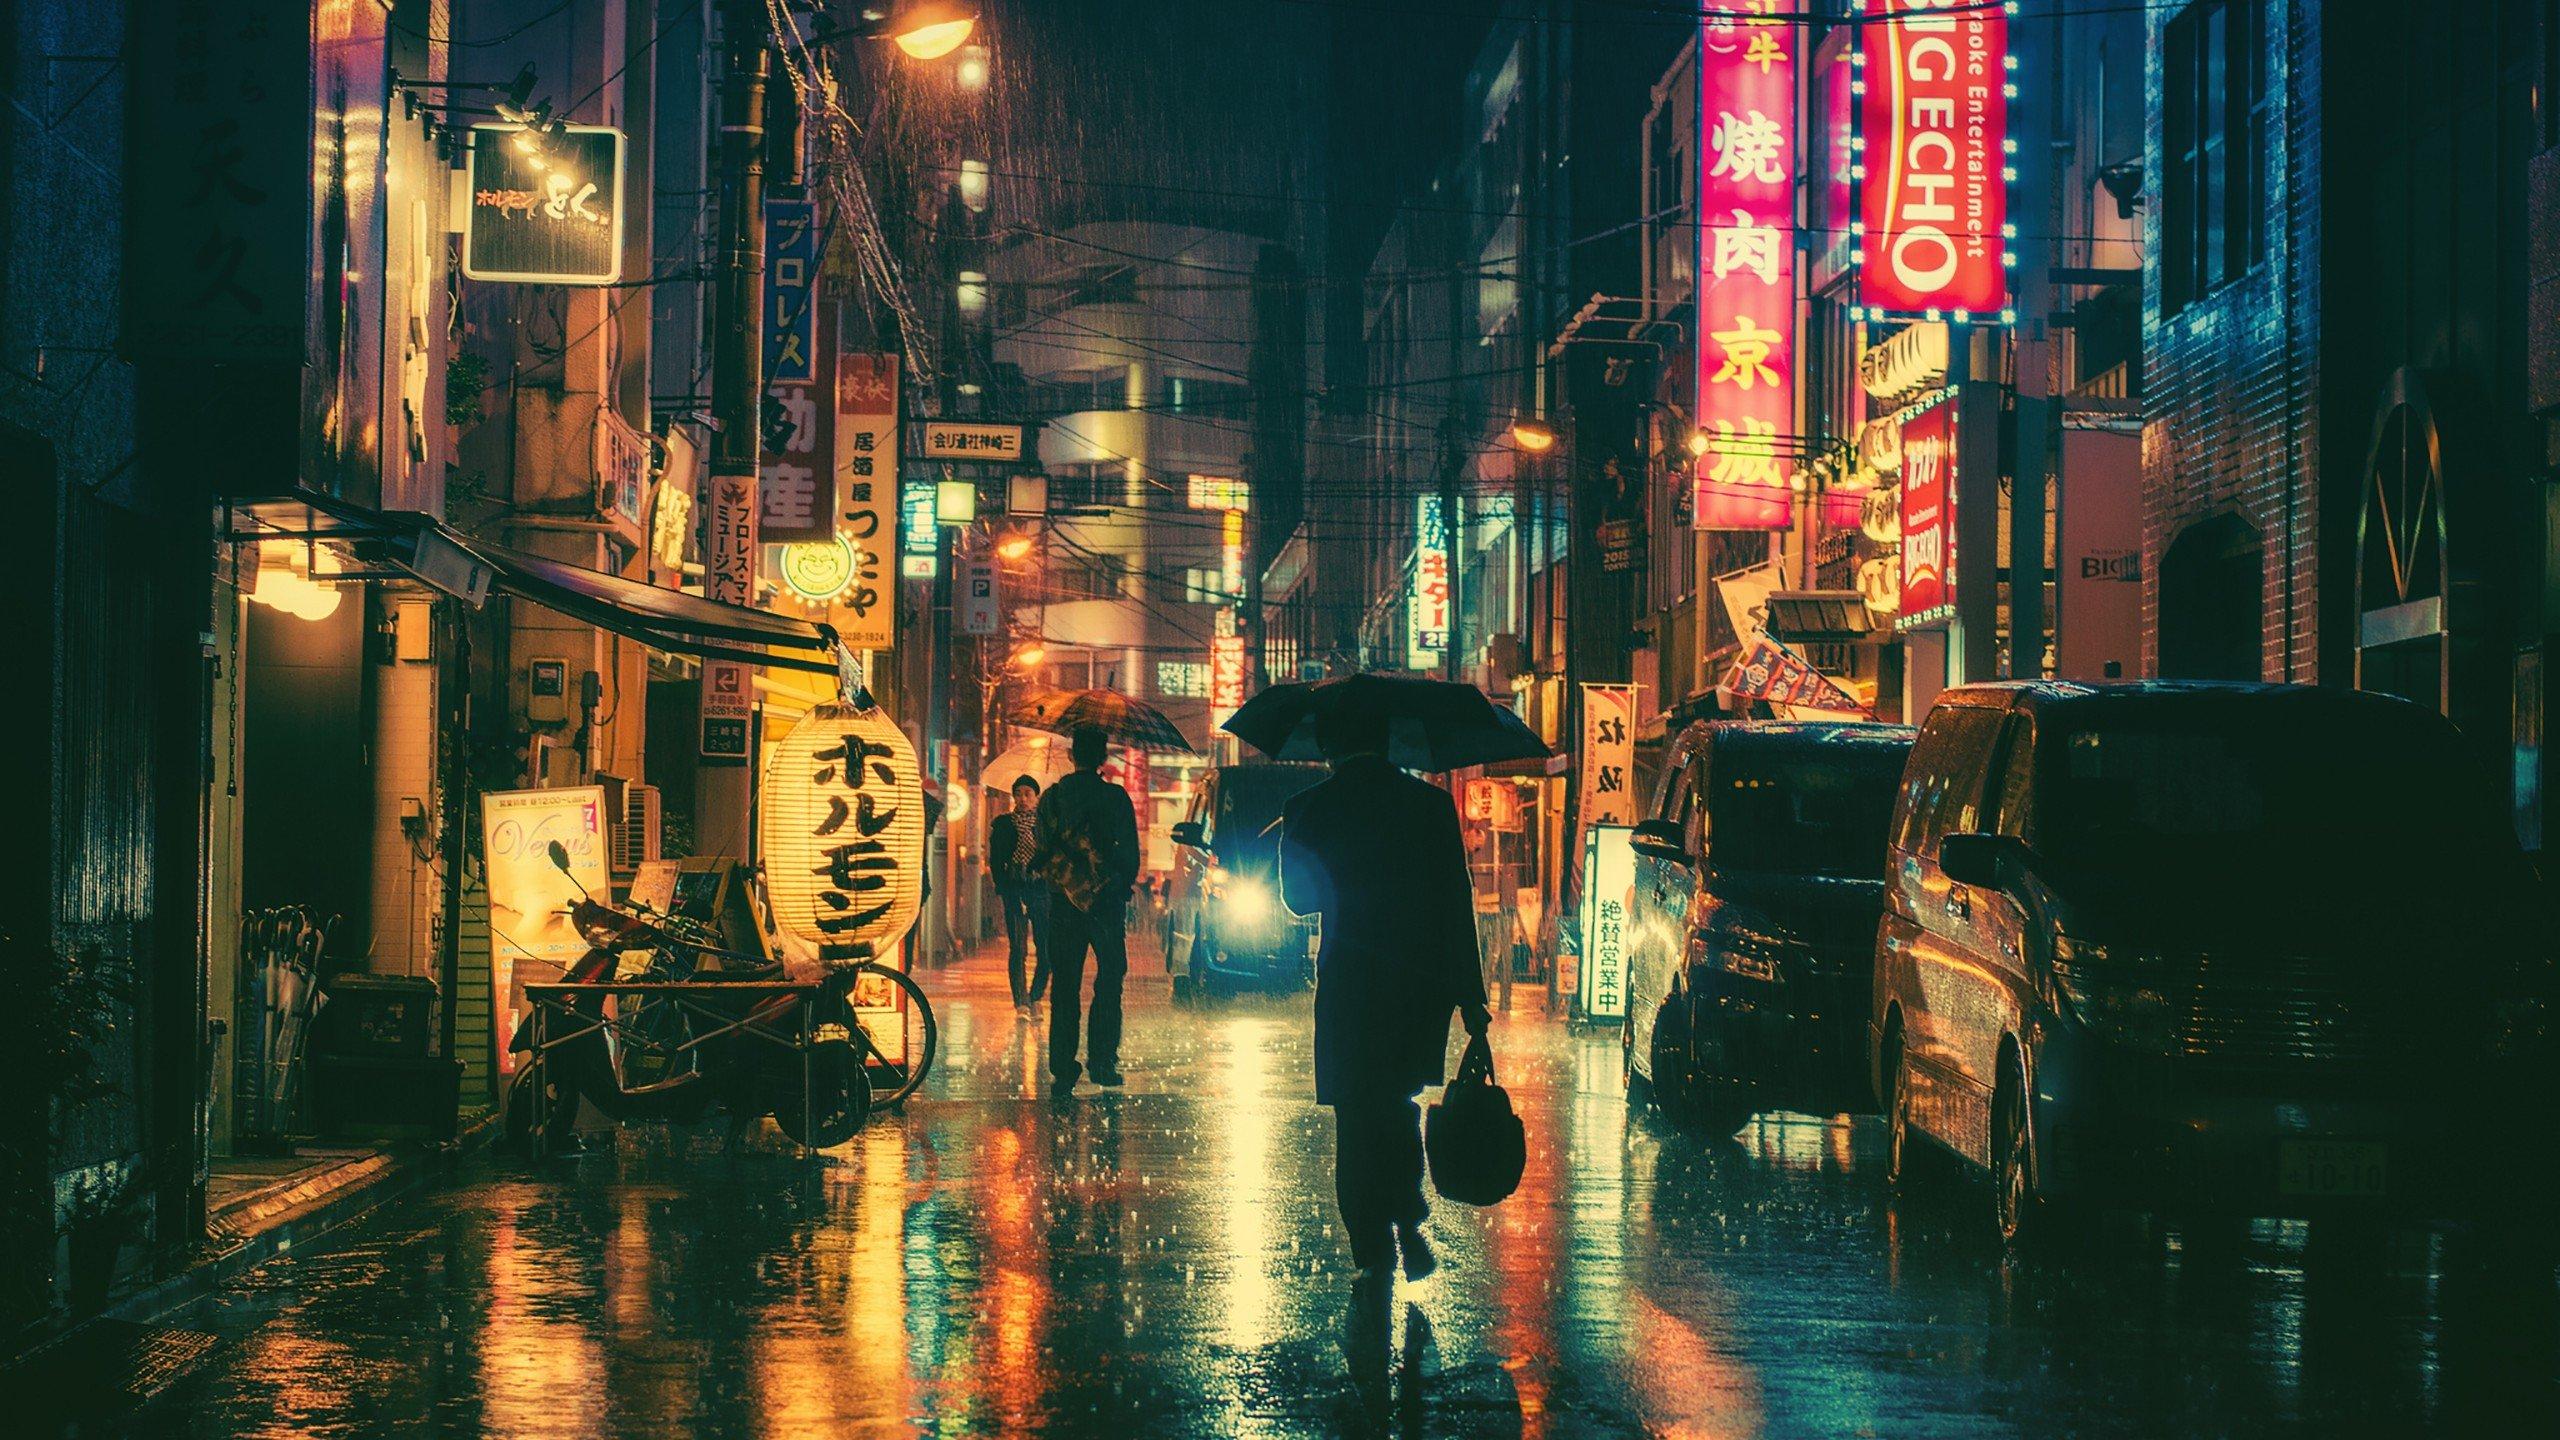 Fond Décran 2560x1440 Px Japon Nuit 2560x1440